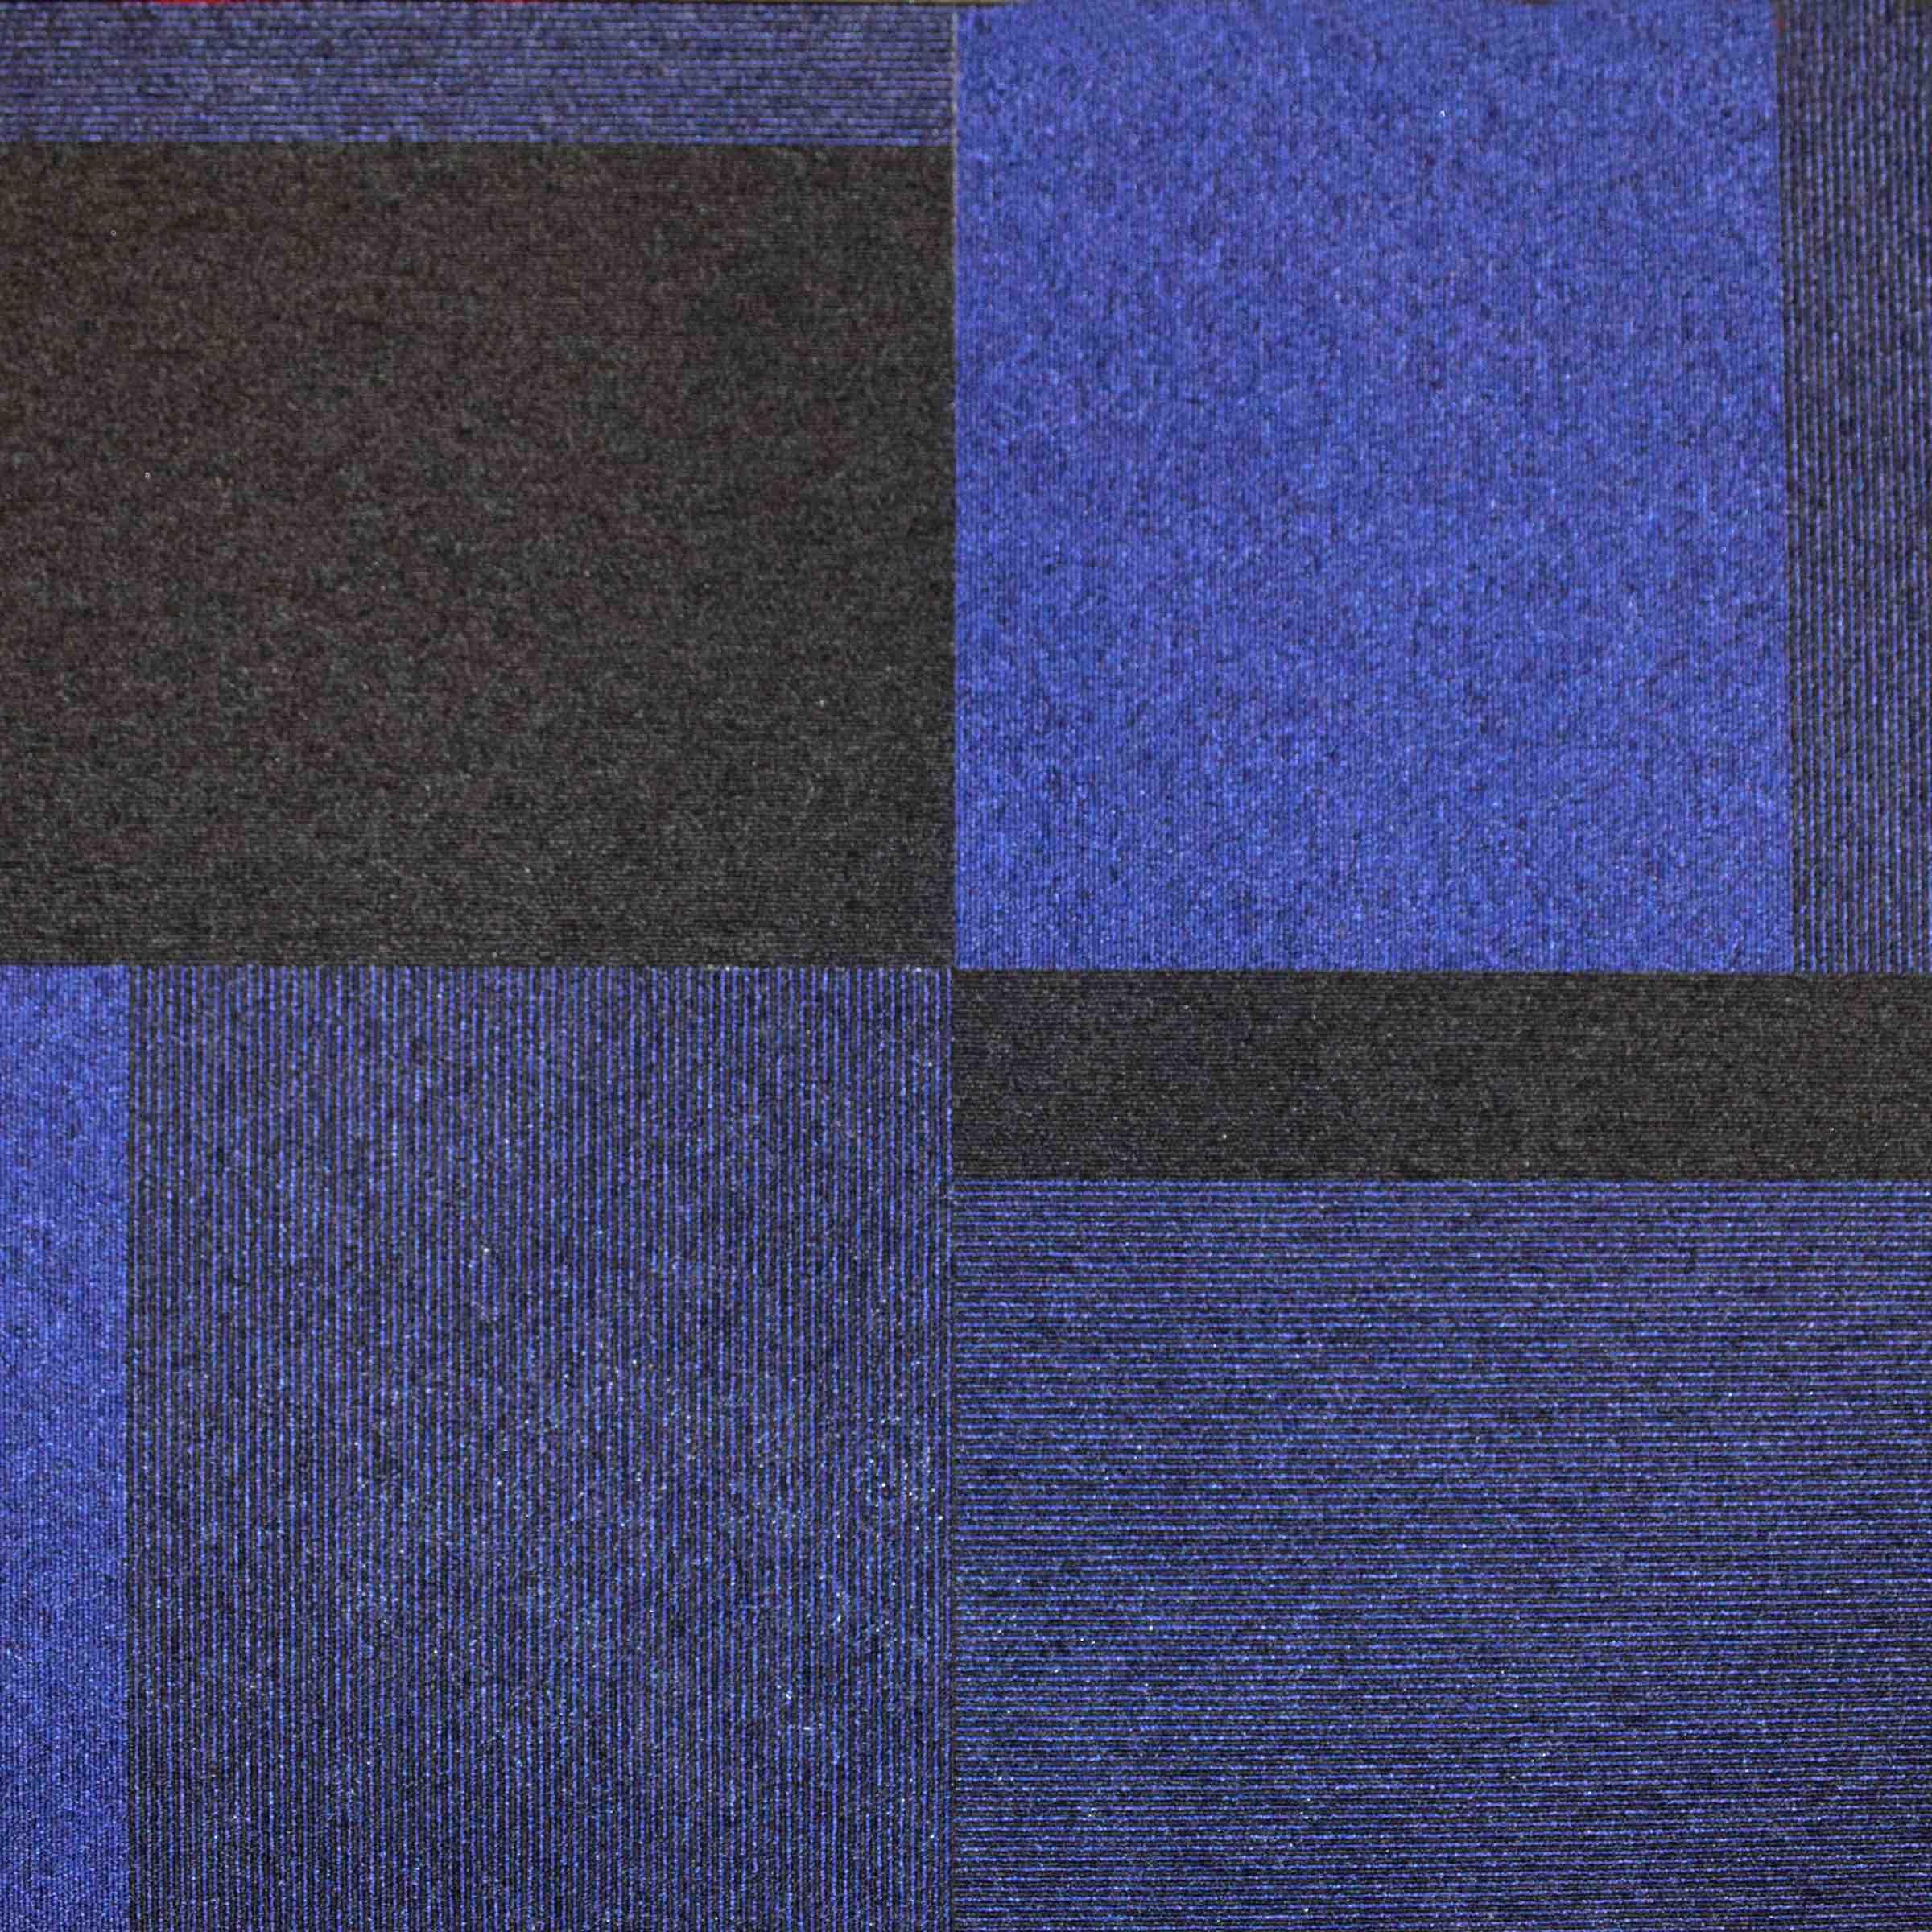 Total Contrast   Ocean Rocks   Paragon Carpet Tiles   Commercial Carpet Tiles